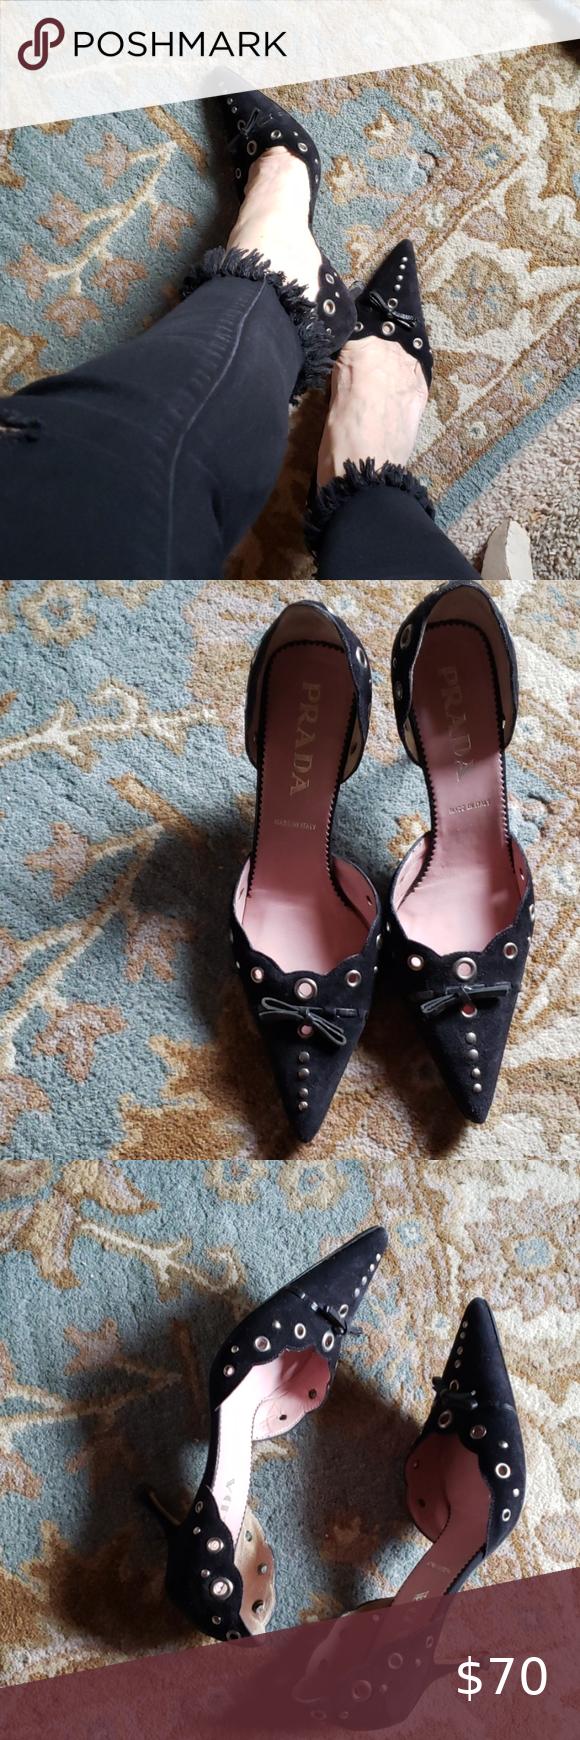 Prada Suede Kitten Heels In 2020 Kitten Heels Shoes Women Heels Heels